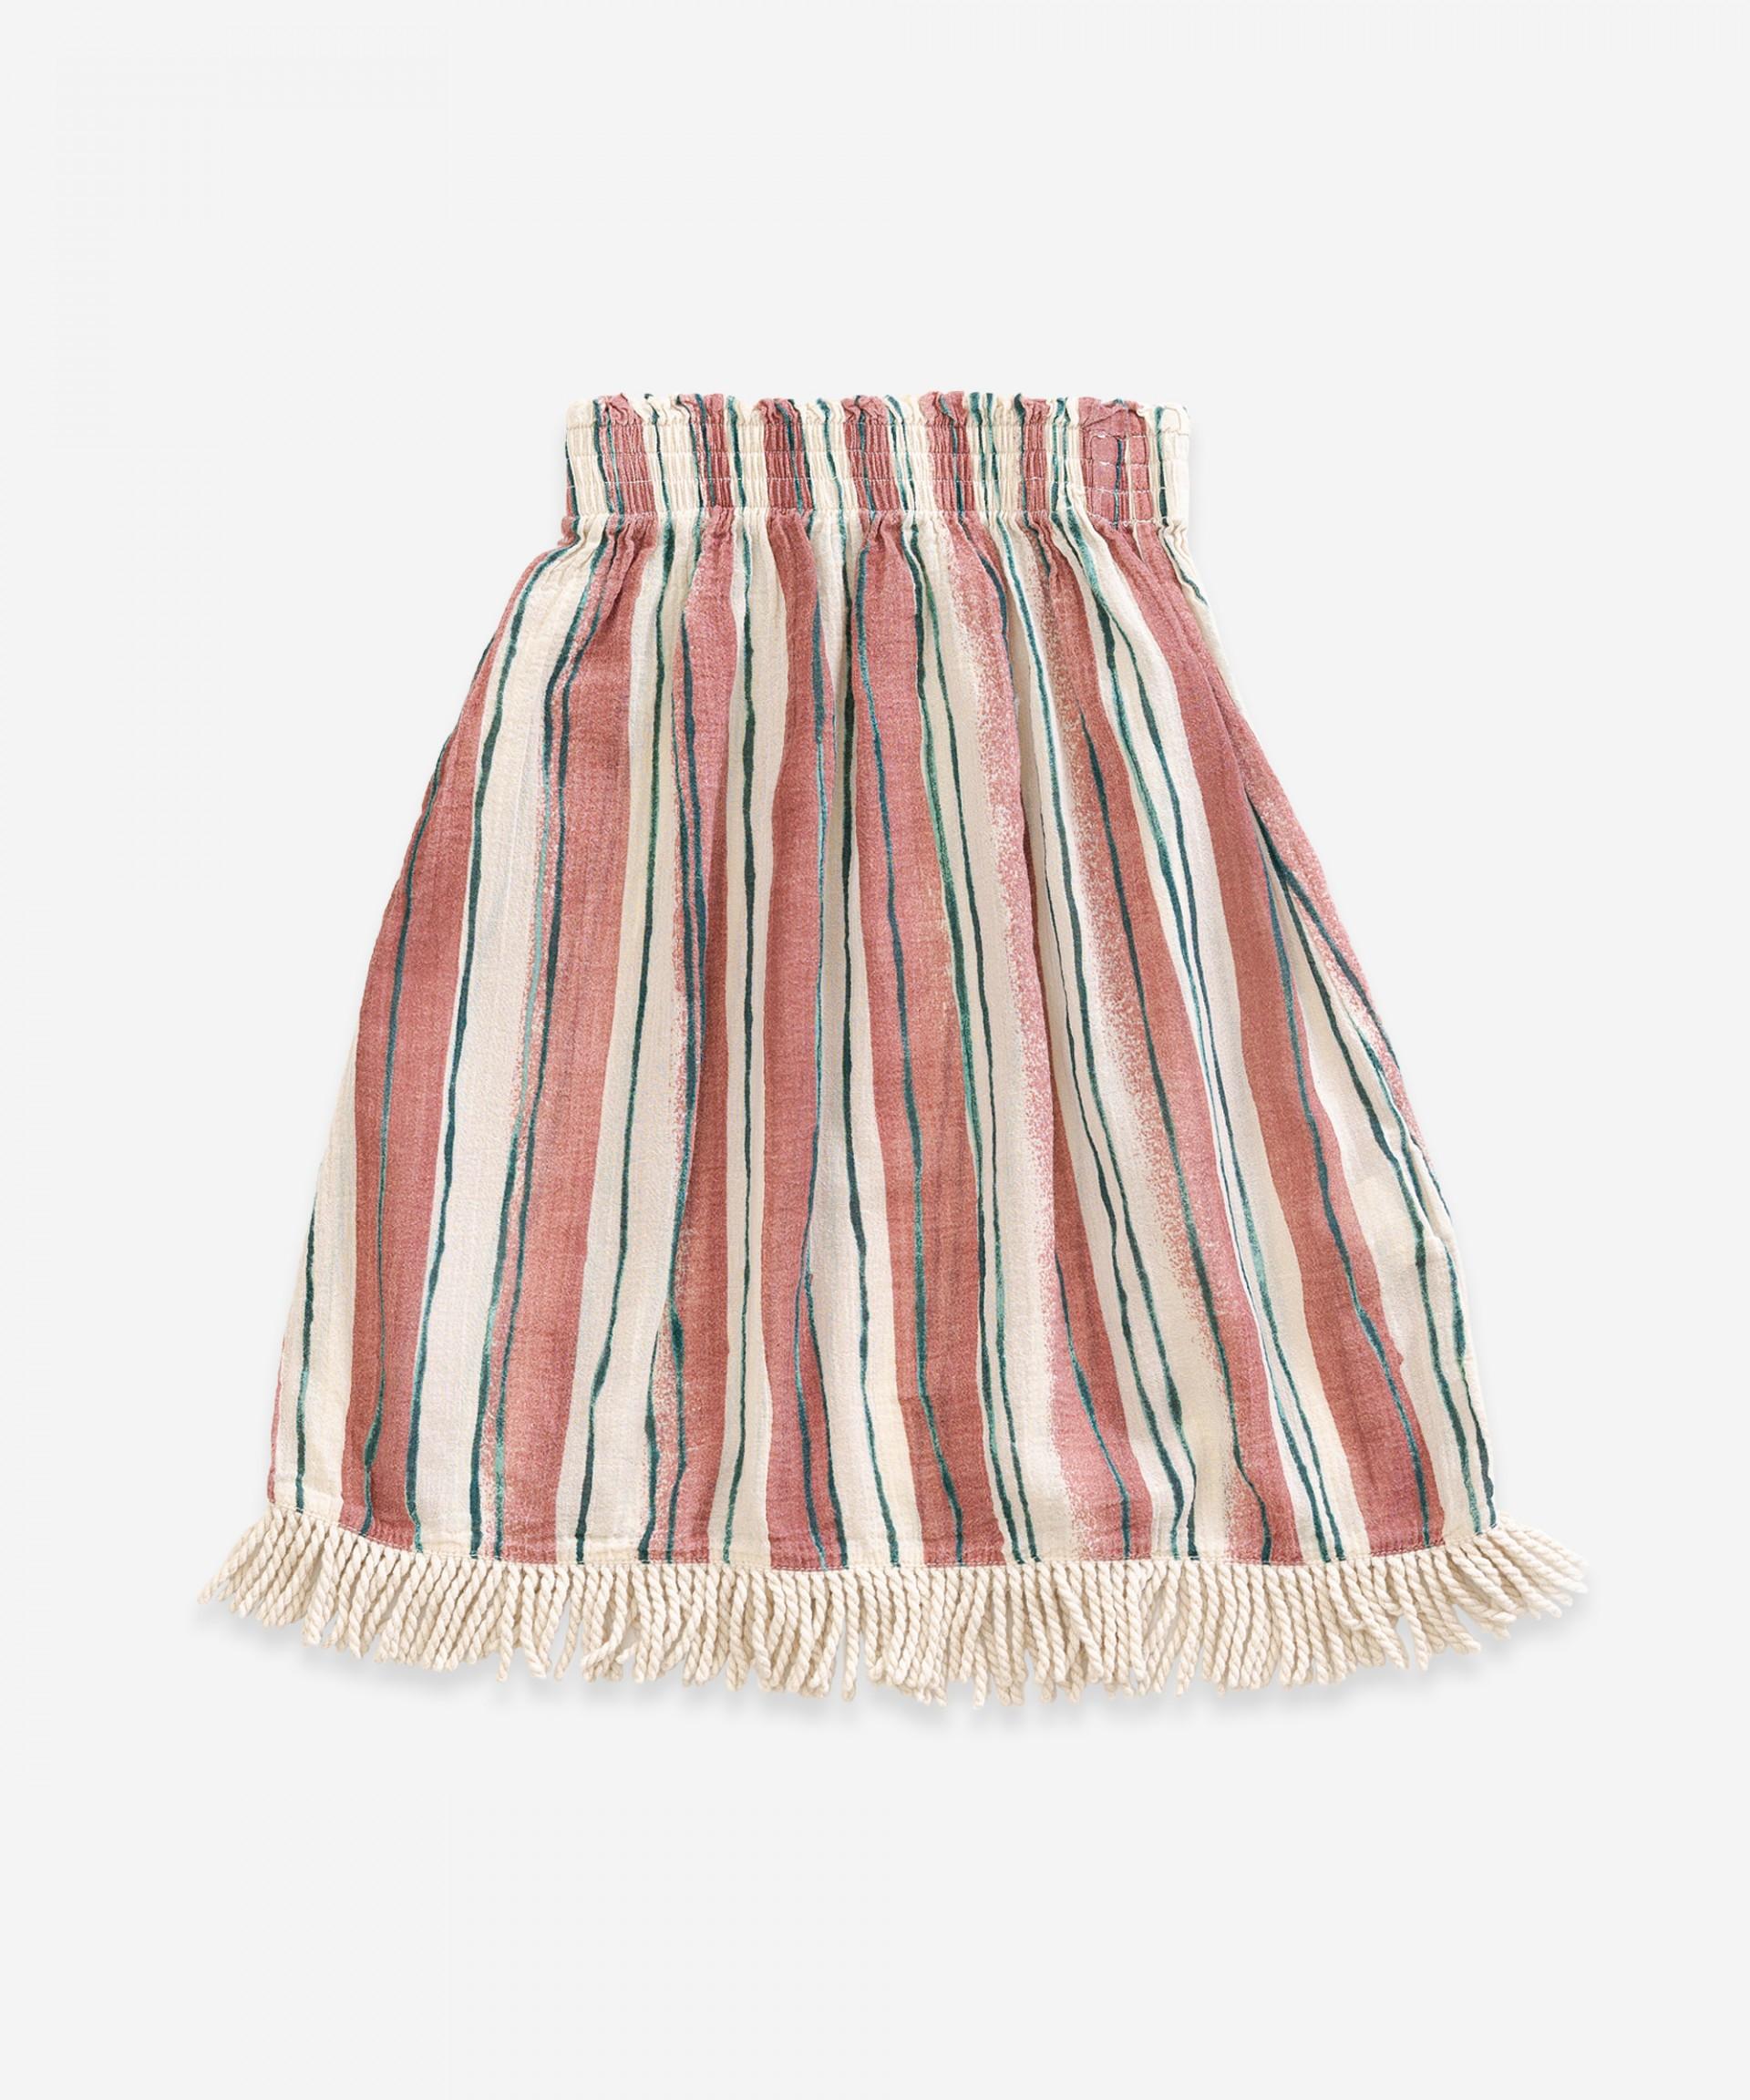 Saia em tecido de algodão | Weaving